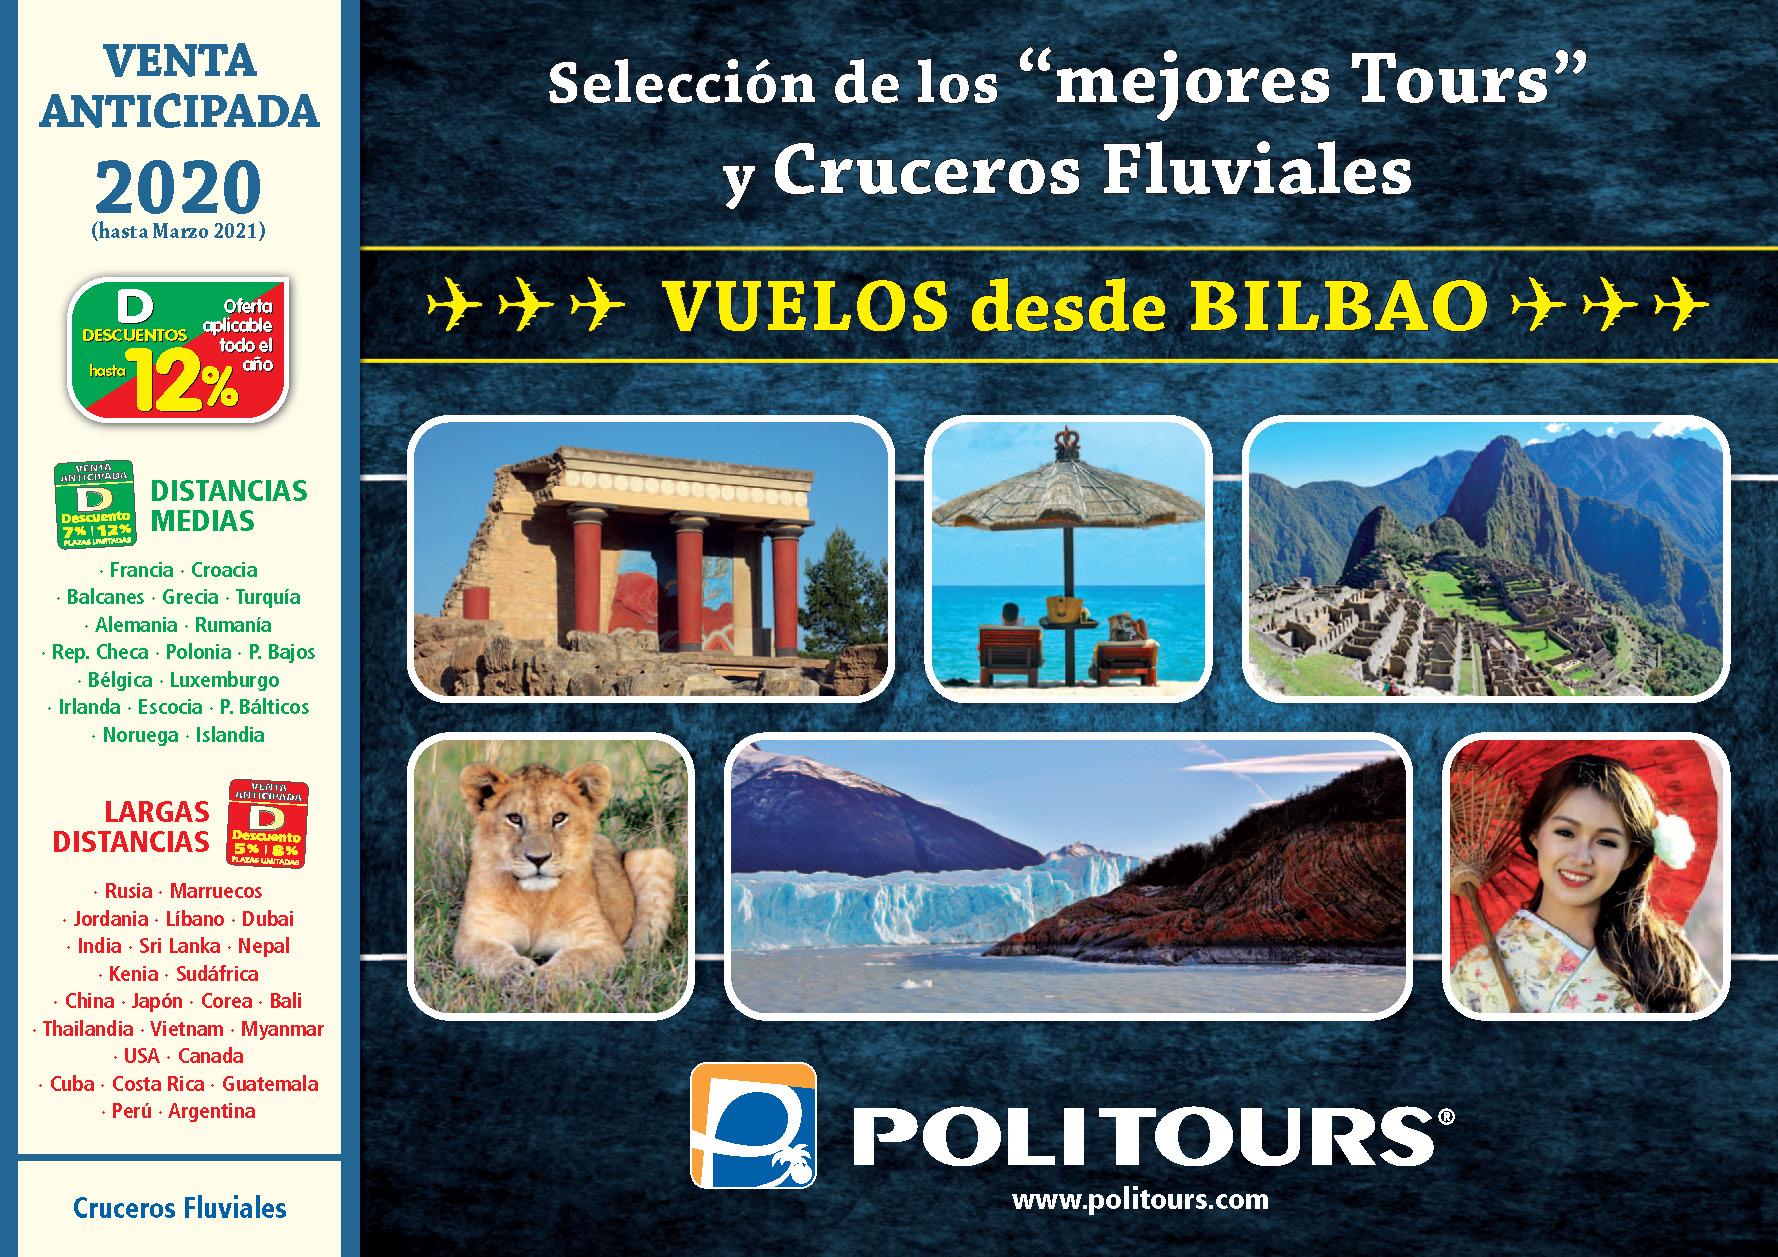 Catalogo Politours Venta Anticipada 2020 salidas Bilbao